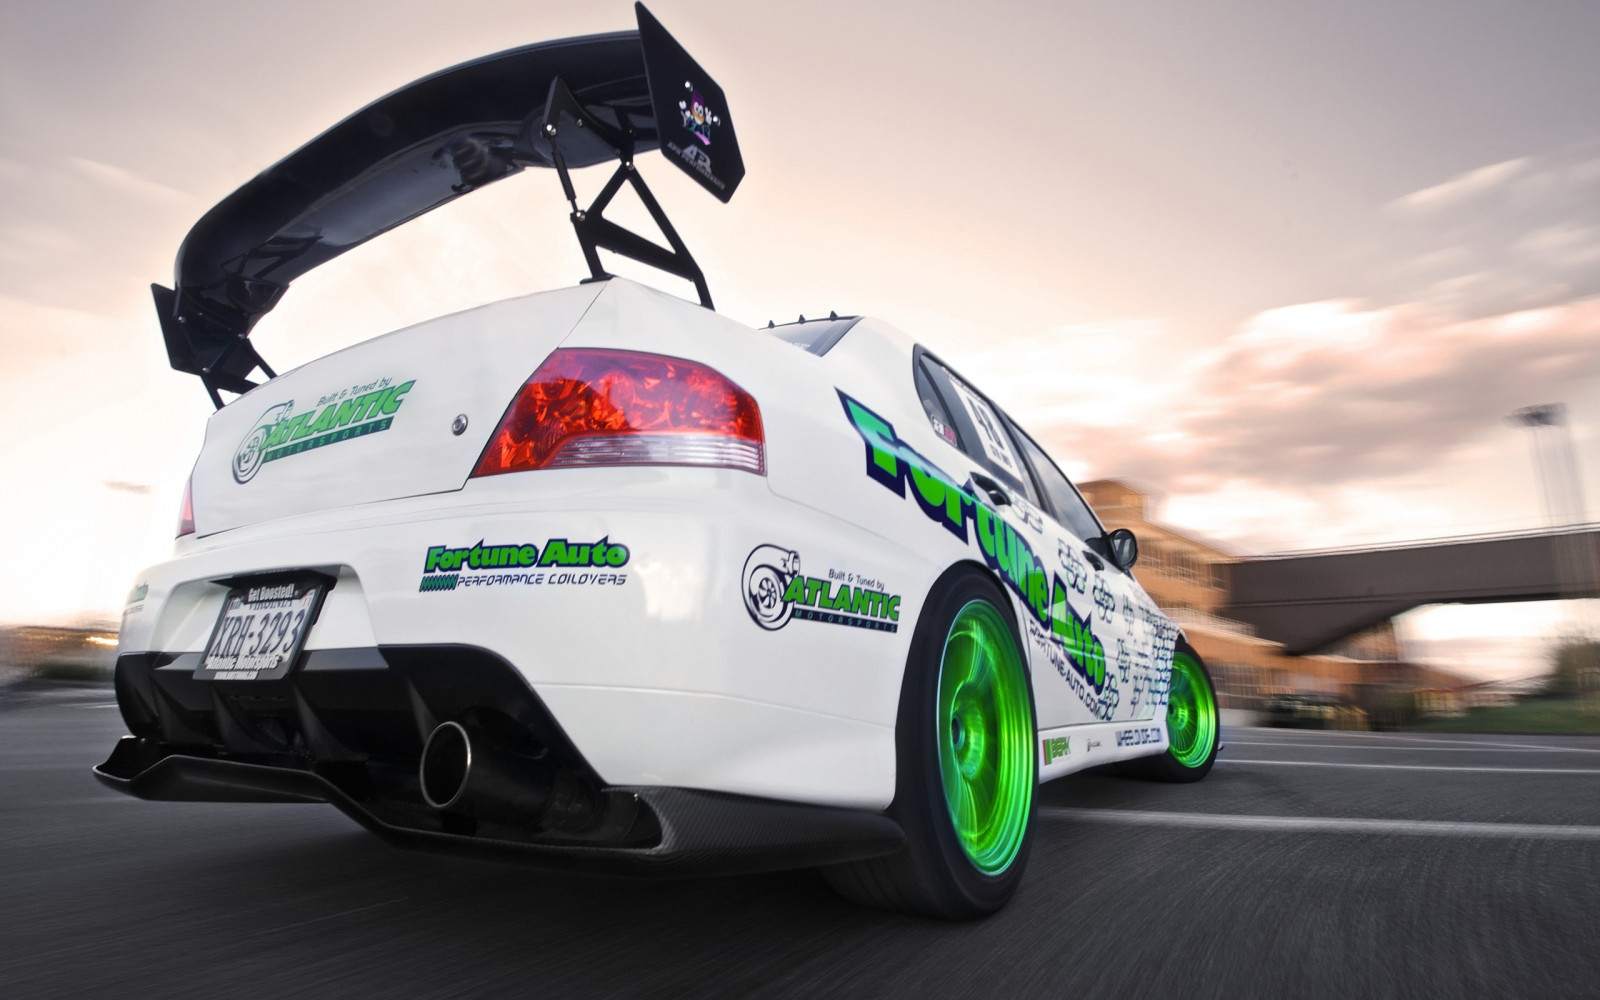 pilihan warna grand new avanza 2015 yaris s m/t trd heykers gambar mobil sport putih terbaru | sobat modifikasi